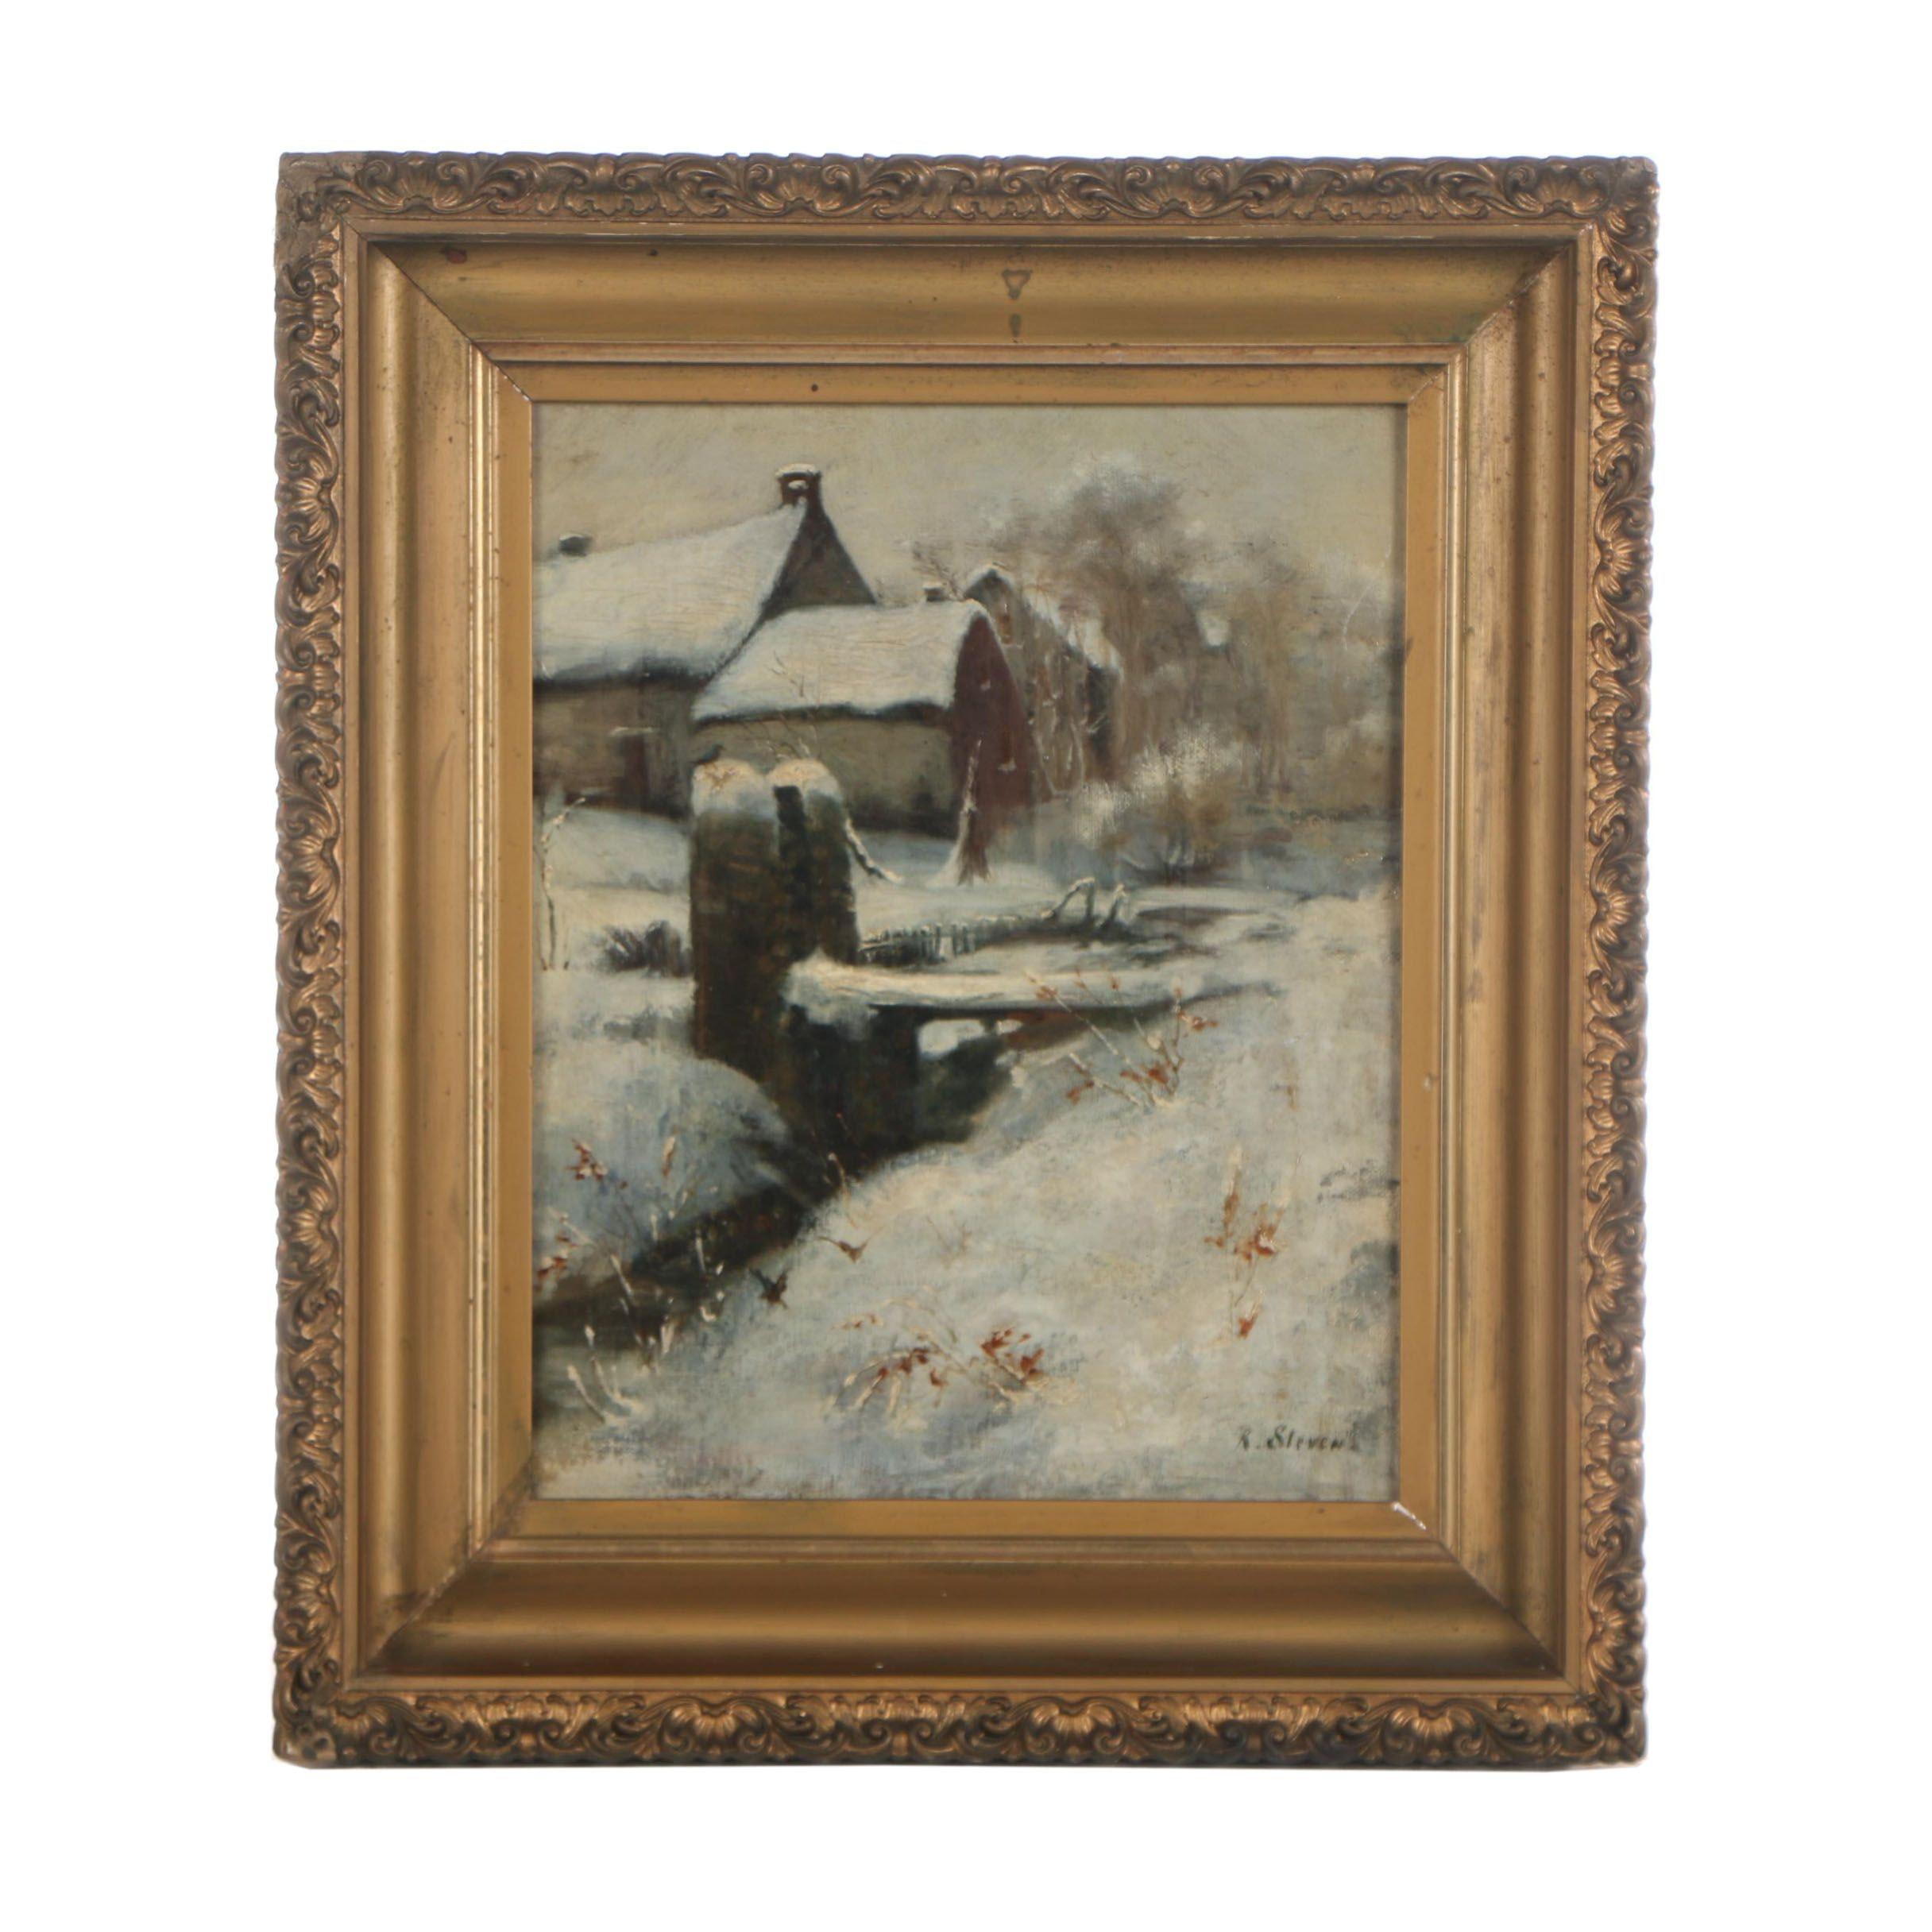 R. Stevens Oil Painting